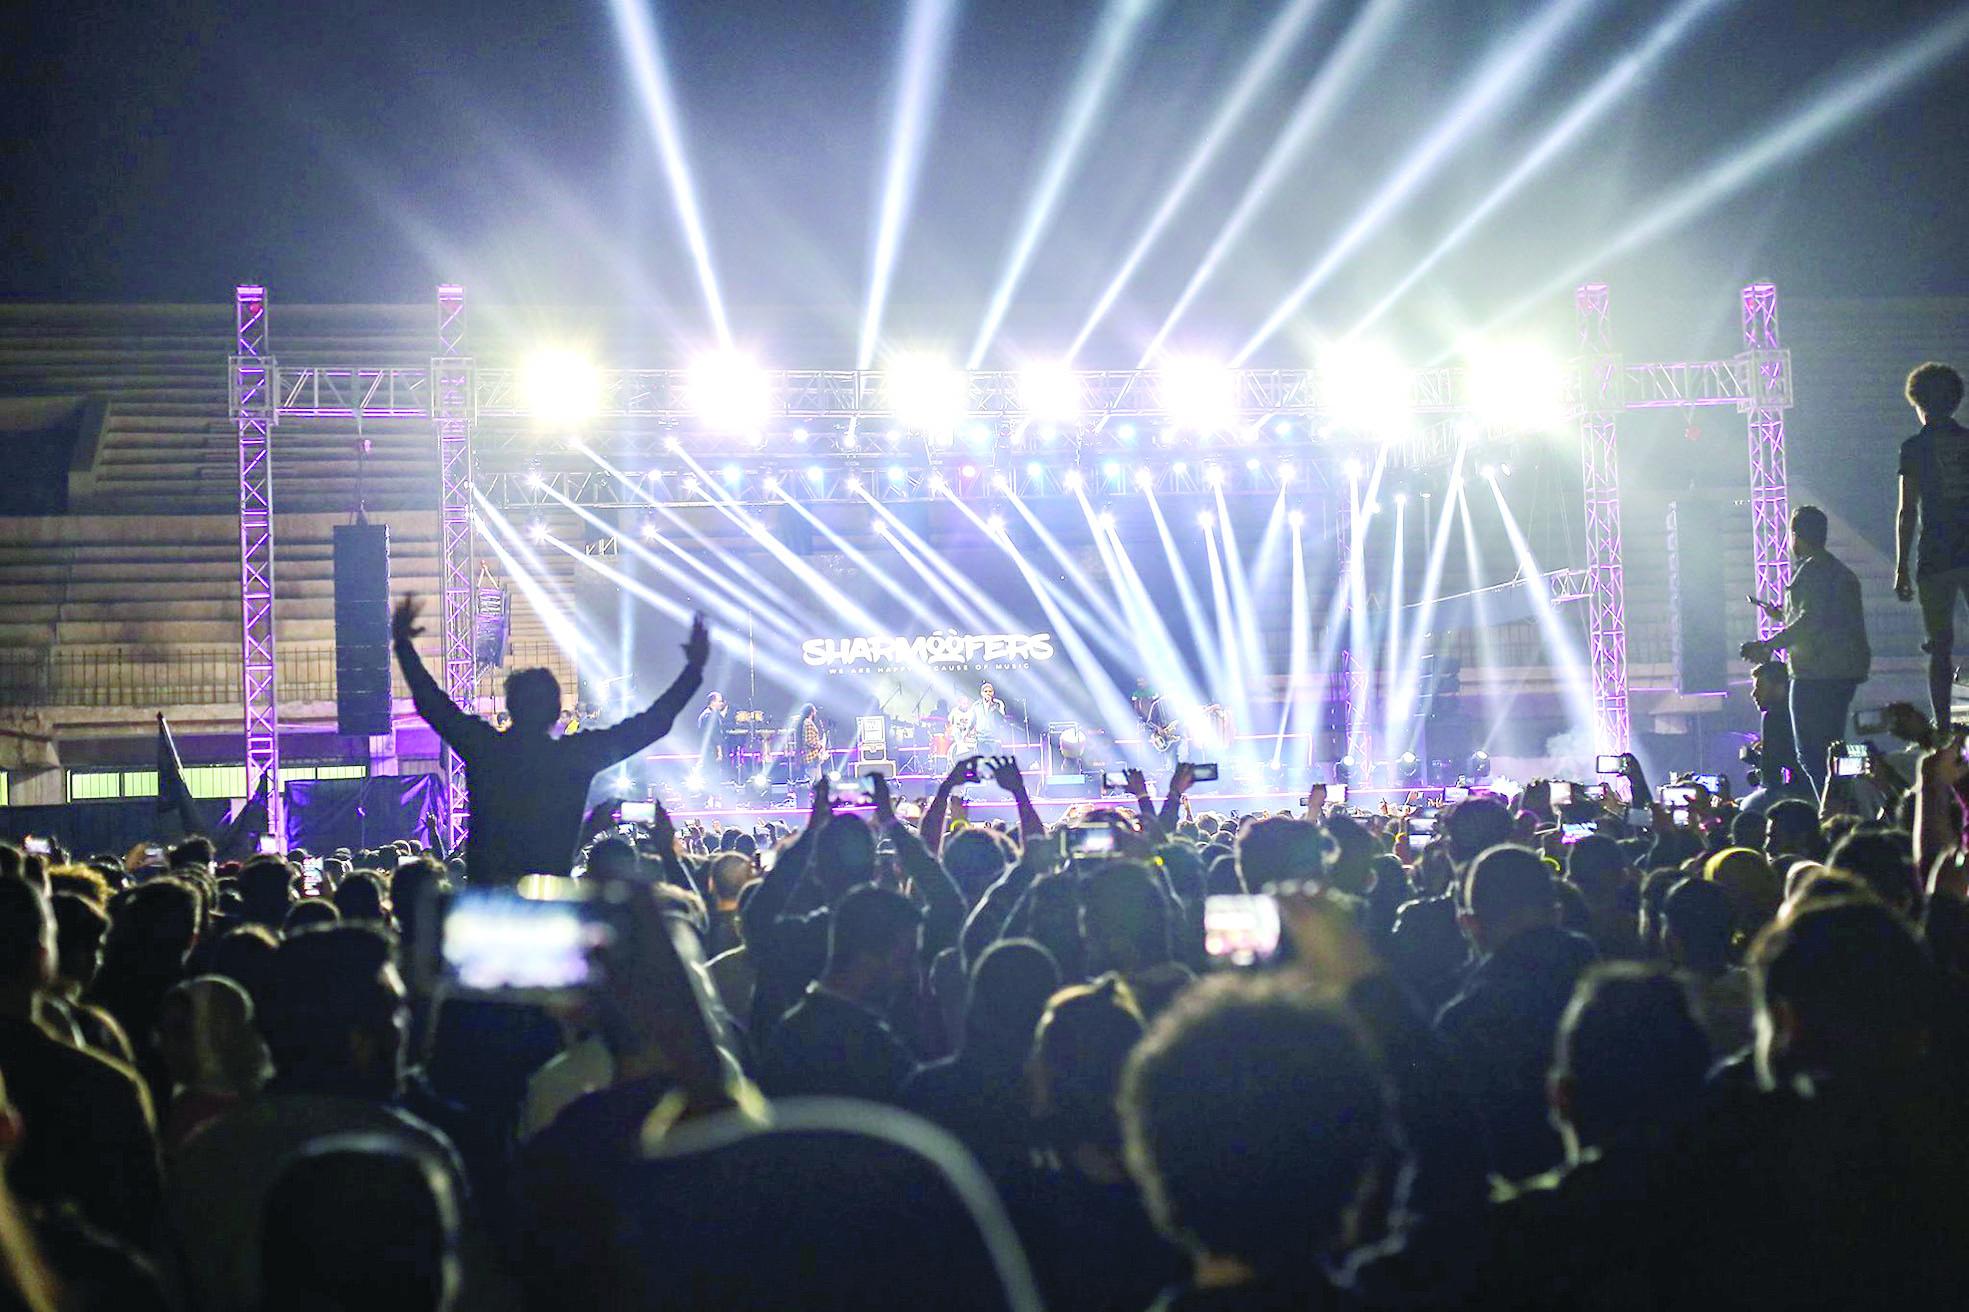 ساحة الموسيقى العربية المستقلة